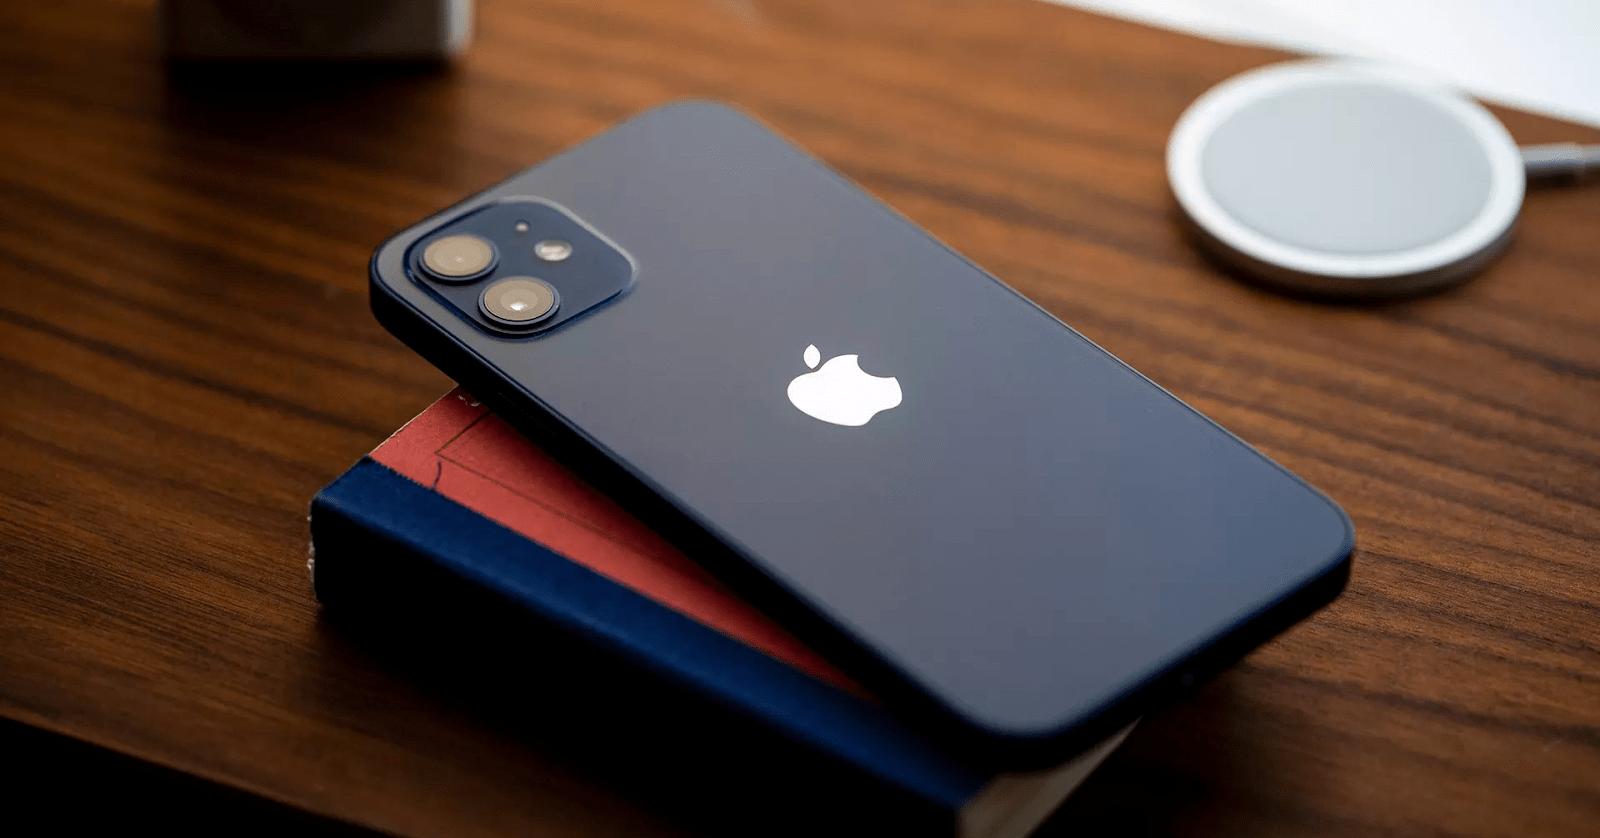 Thiết kế khung iPhone 12 vuông vắn với chất liệu thép không gỉ đặc biệt